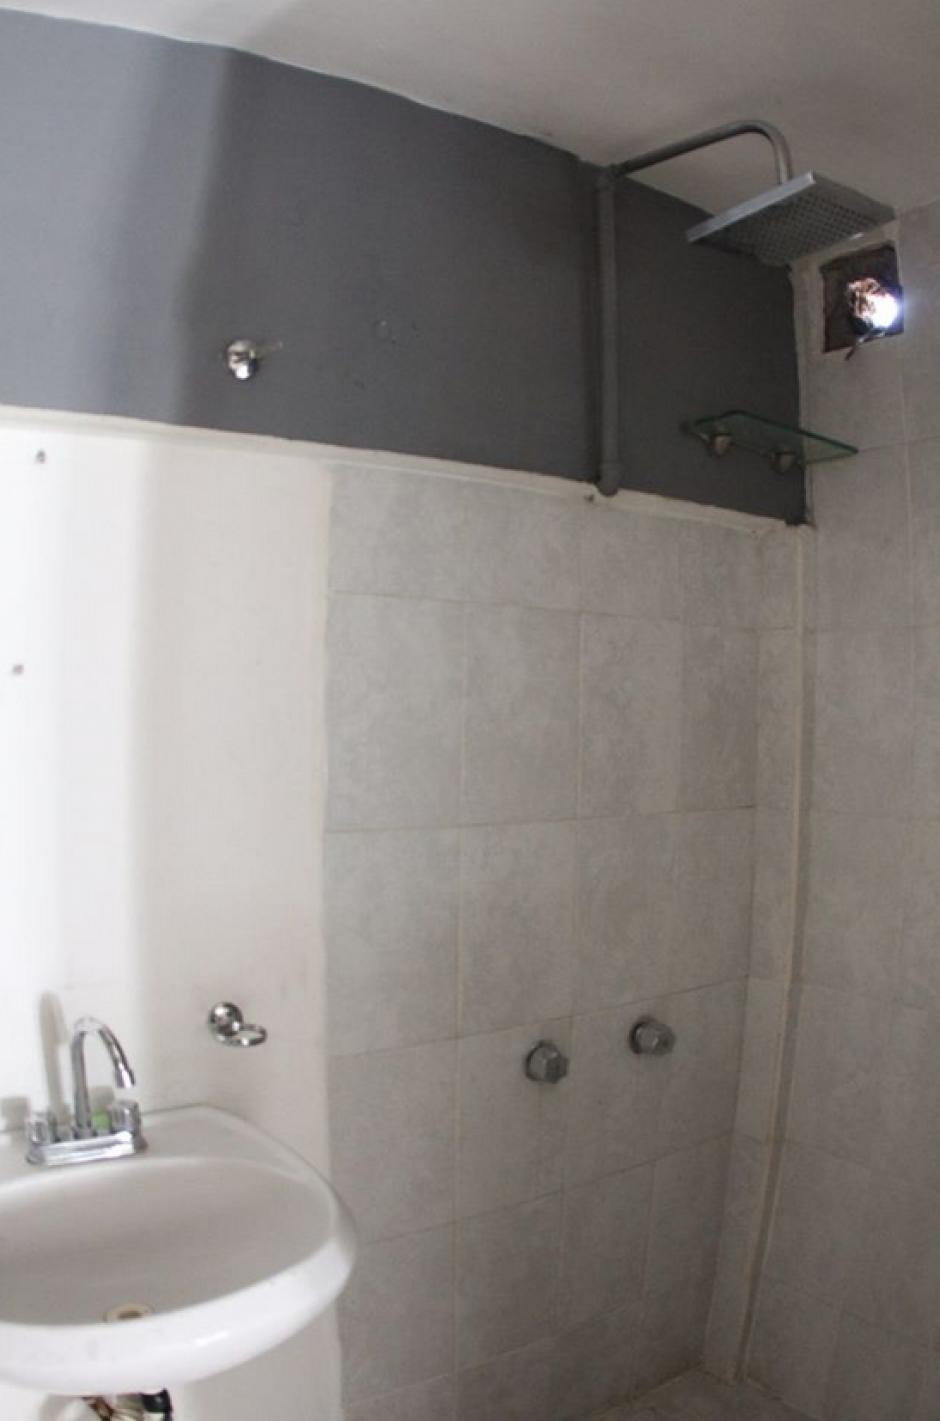 Algunas celdas tienen baño privado. (Foto: Comunicación Social del Estado de Nuevo León)